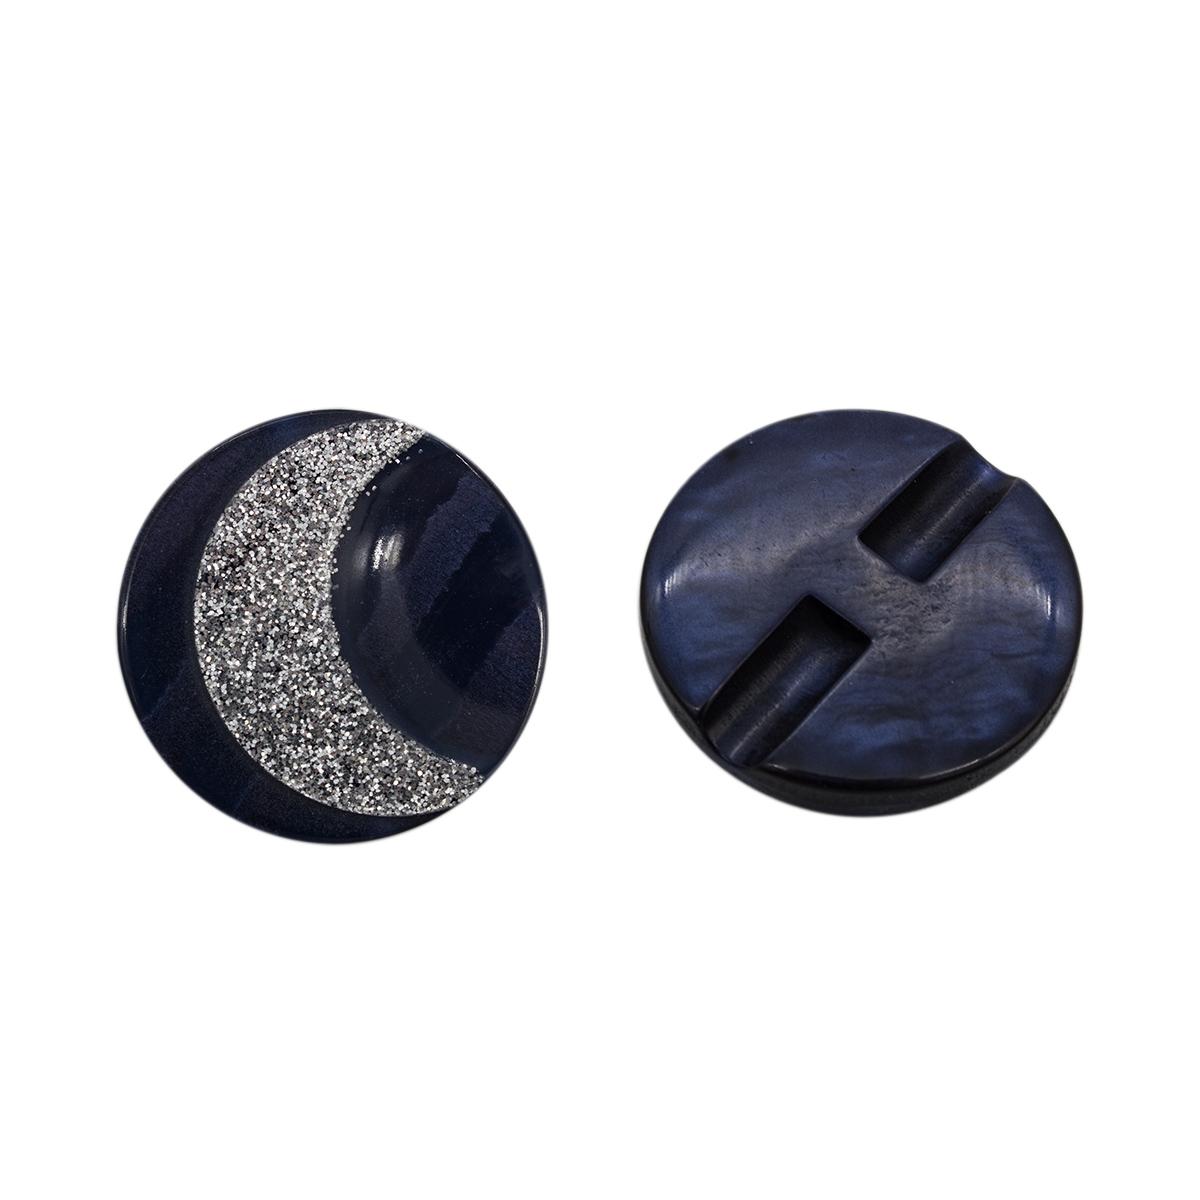 0311-1384А Пуговица 44L (C196 синий)